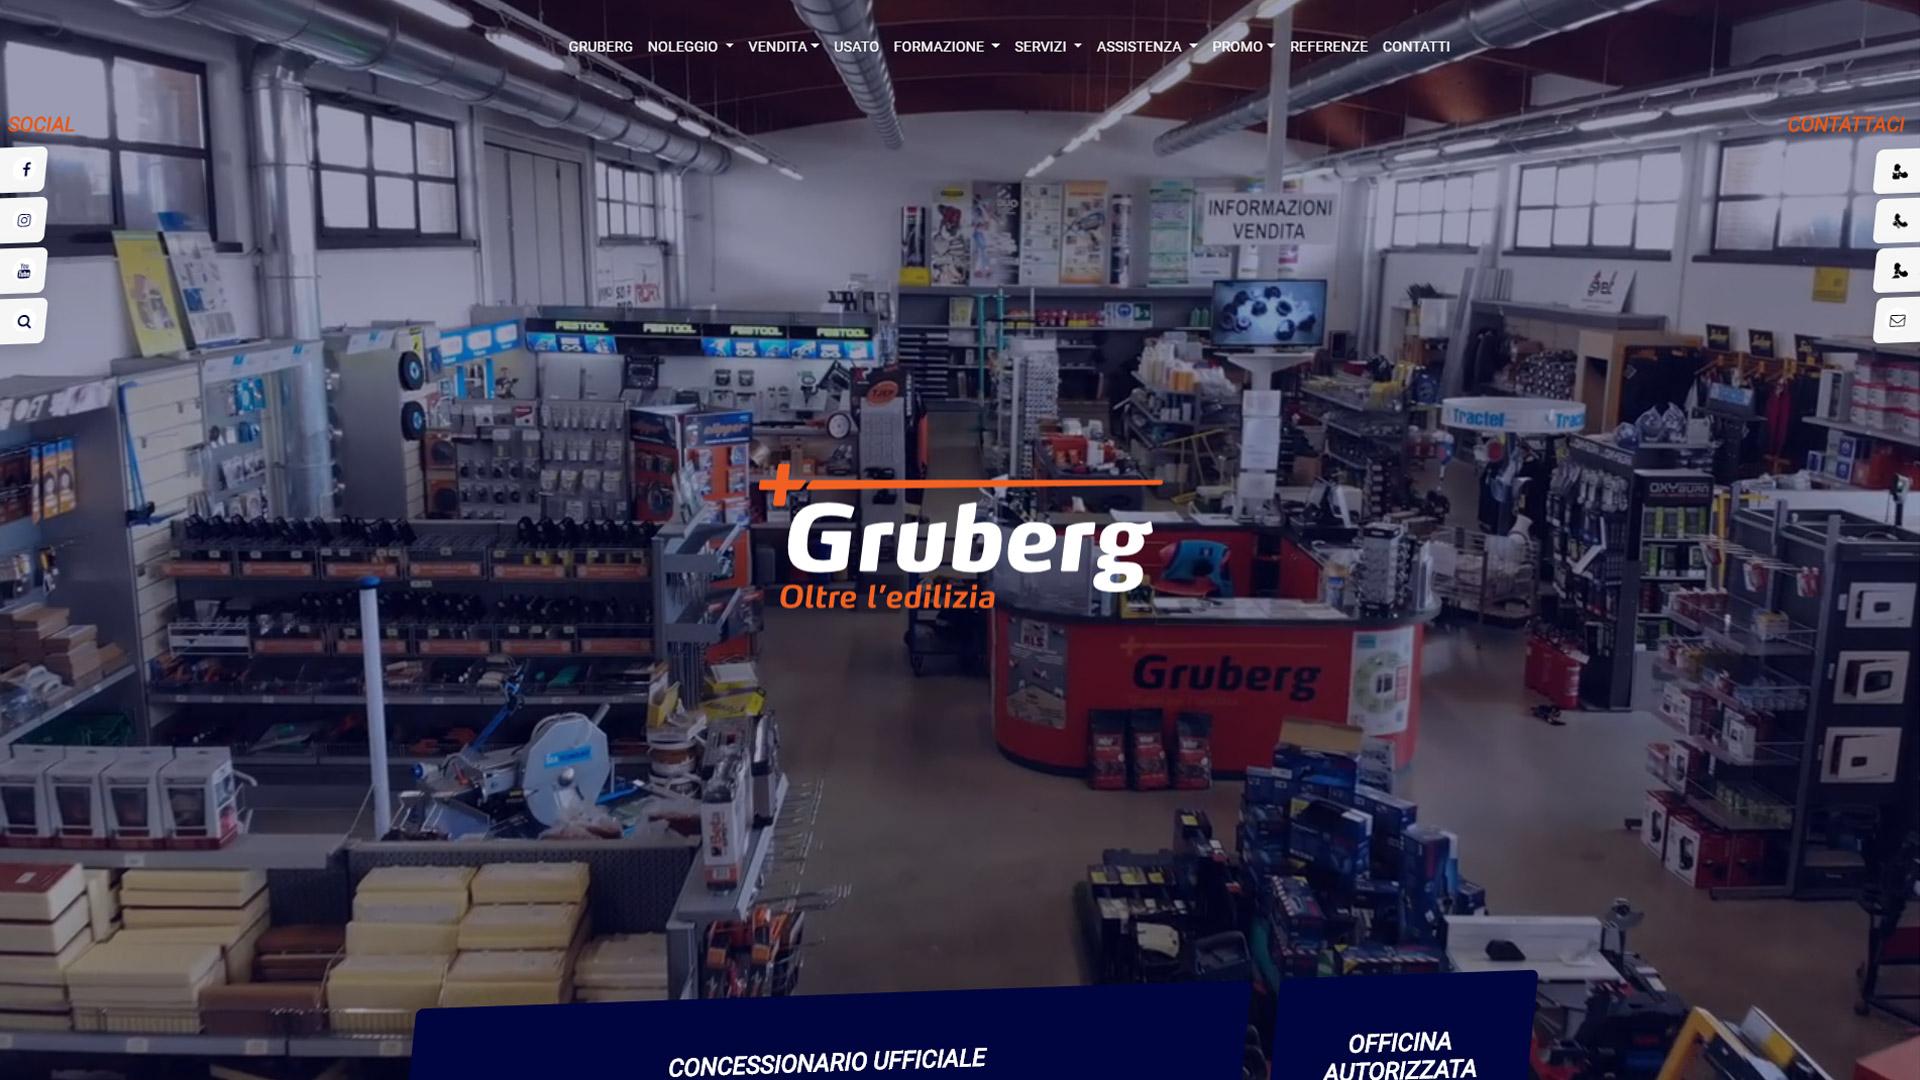 Gruberg S.p.A. ha scelto eWeb per le sue attività di web marketing